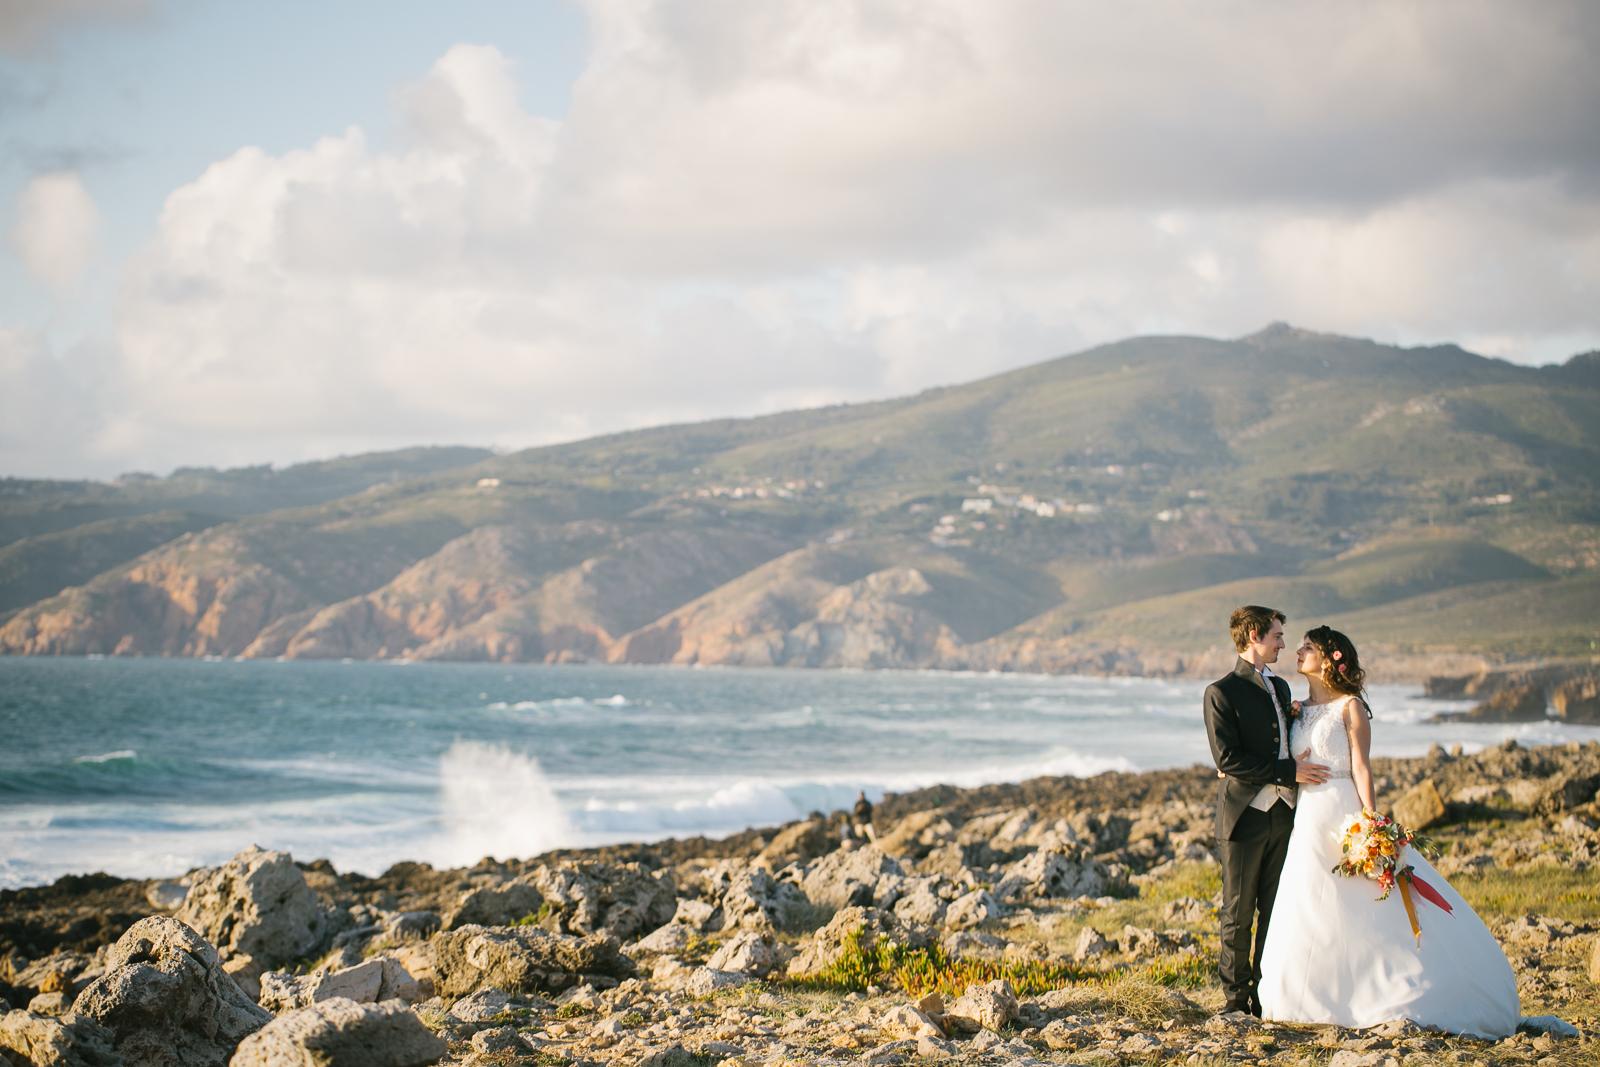 destination-wedding-guincho-cascais-portugal.jpg